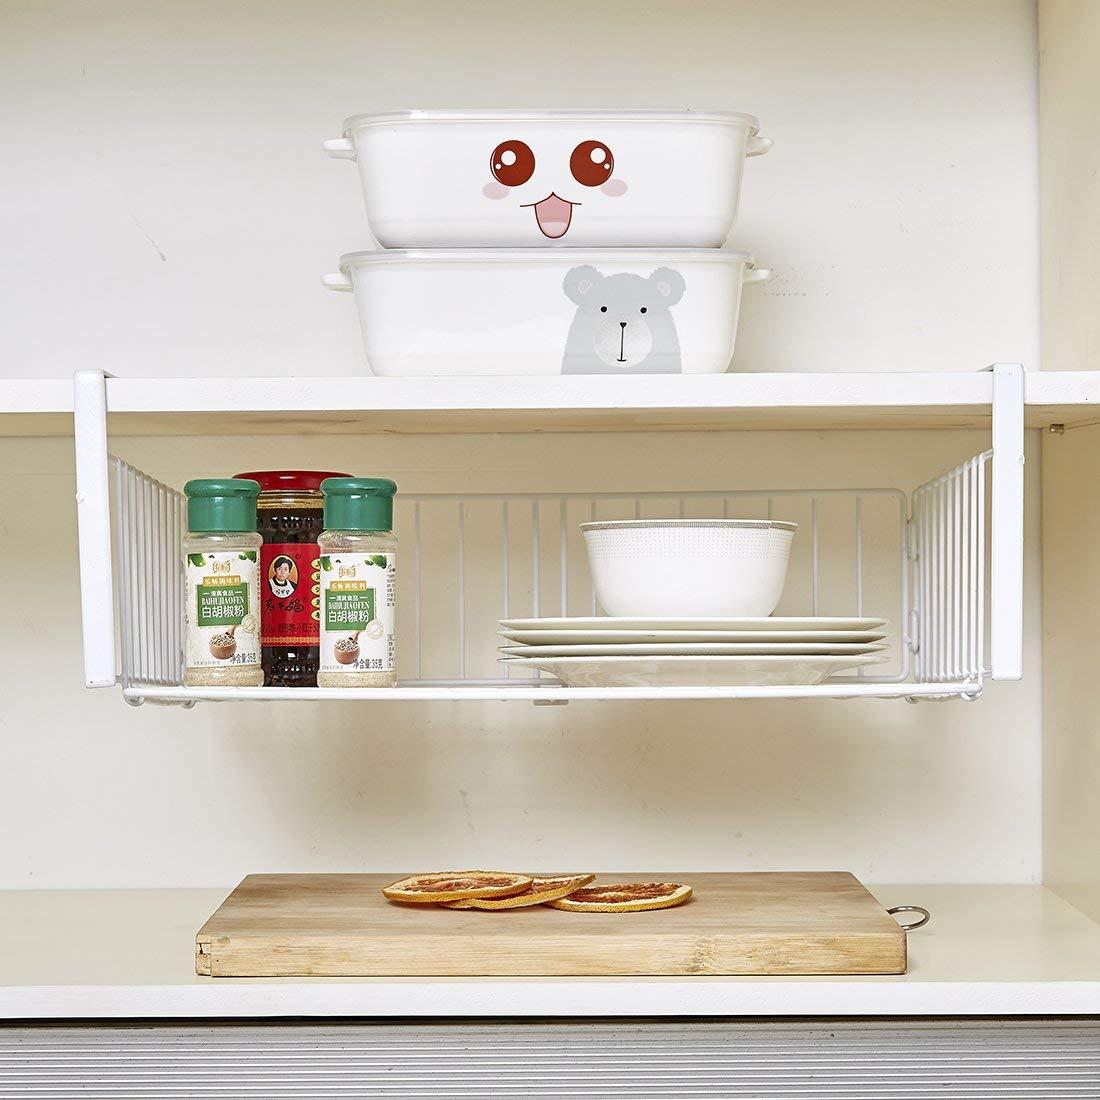 キッチンラックのおすすめ7選&選び方【キッチンスペースを有効活用】